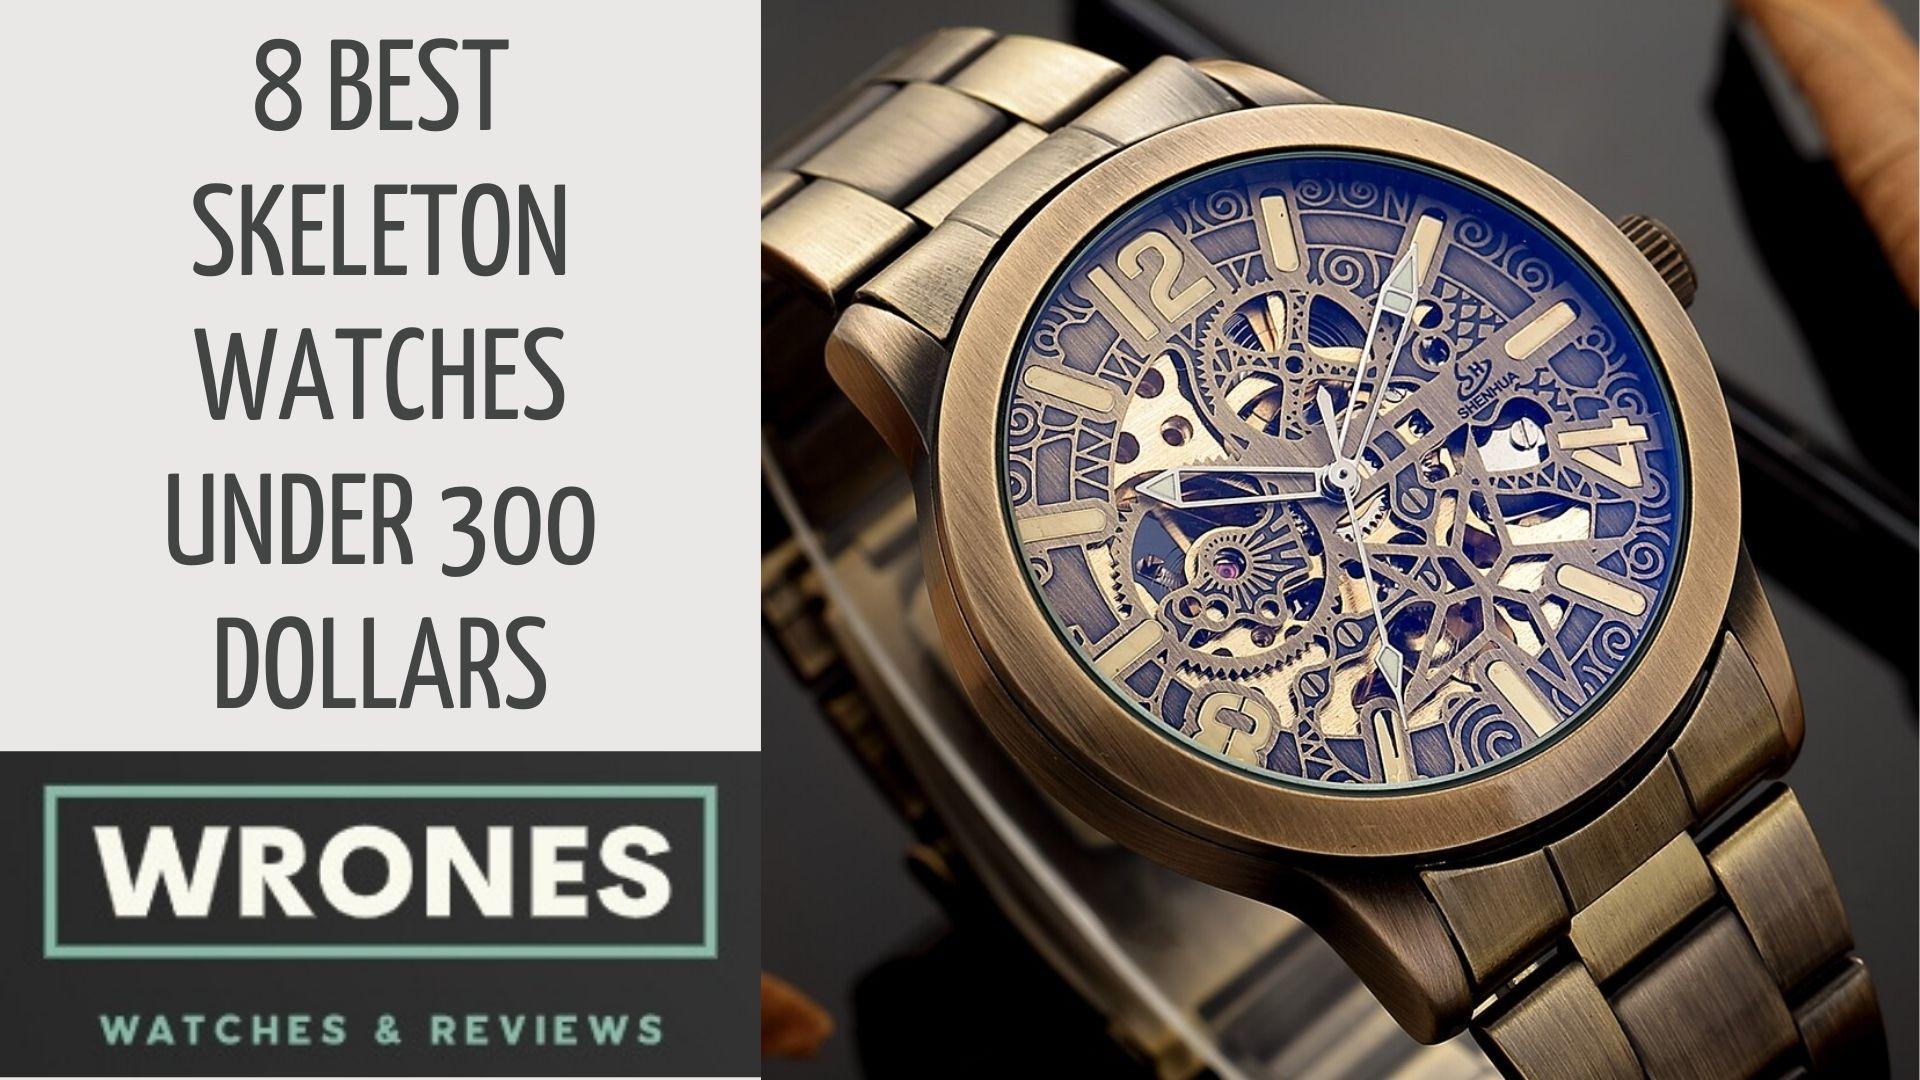 8 Best Skeleton Watches under 300 Dollars wrones